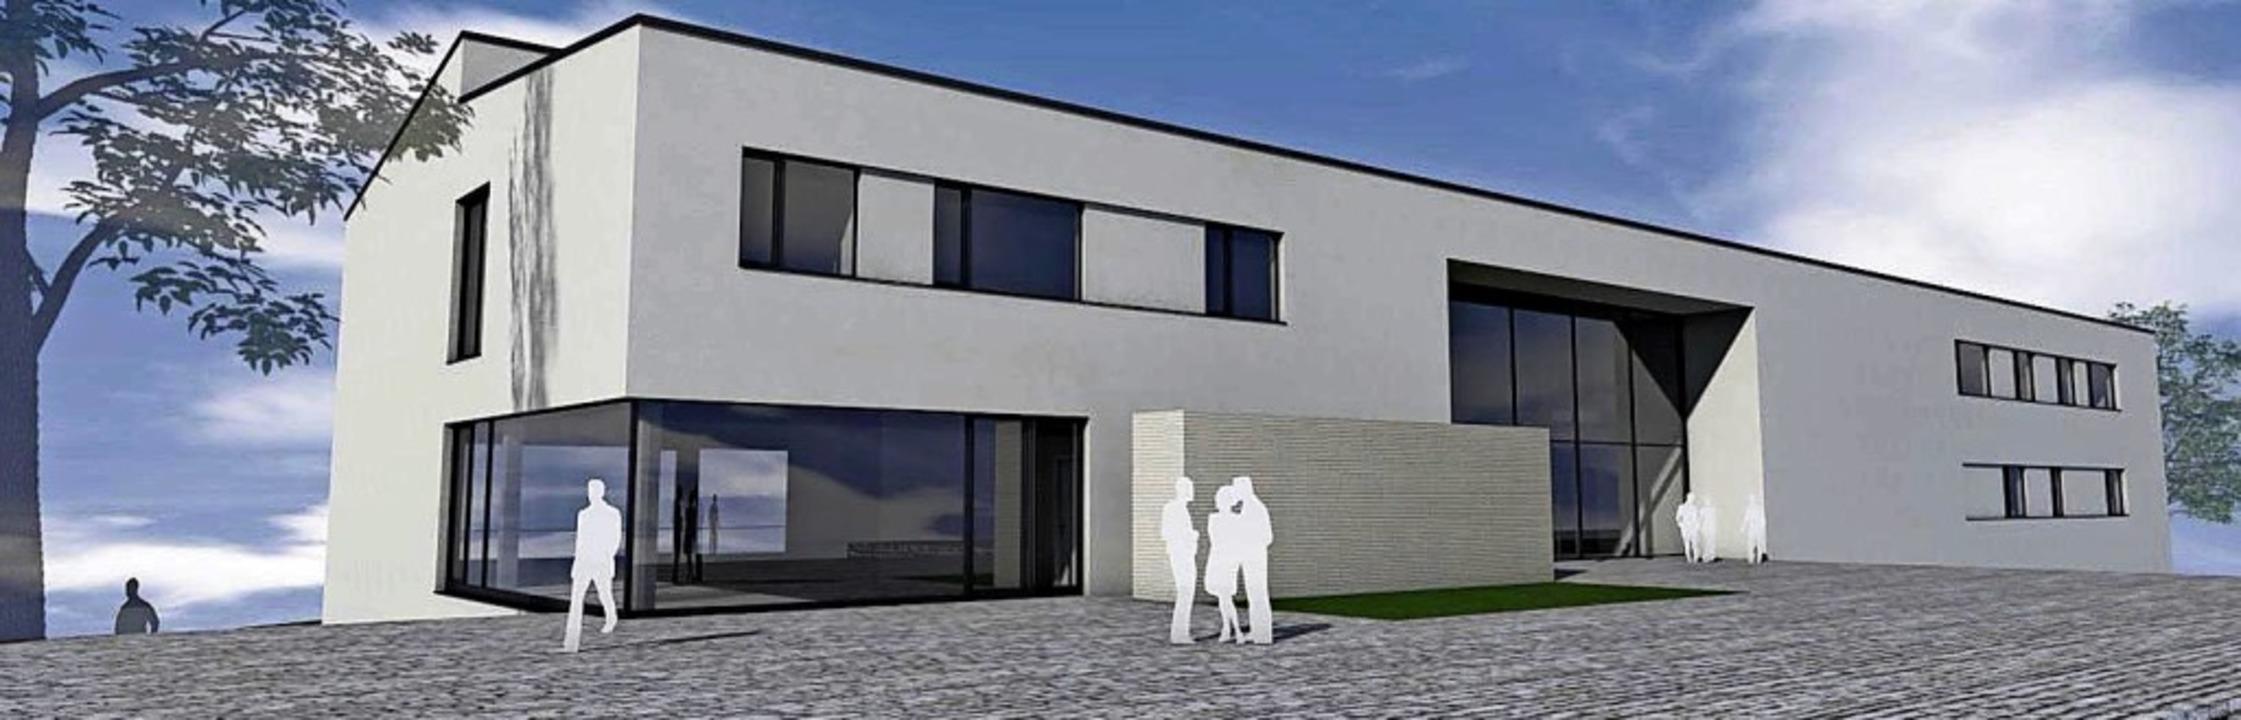 So soll der Erweiterungsbau für die Gemeinschaftsschule Hohberg aussehen.   | Foto: Animation: Kopf Architekten